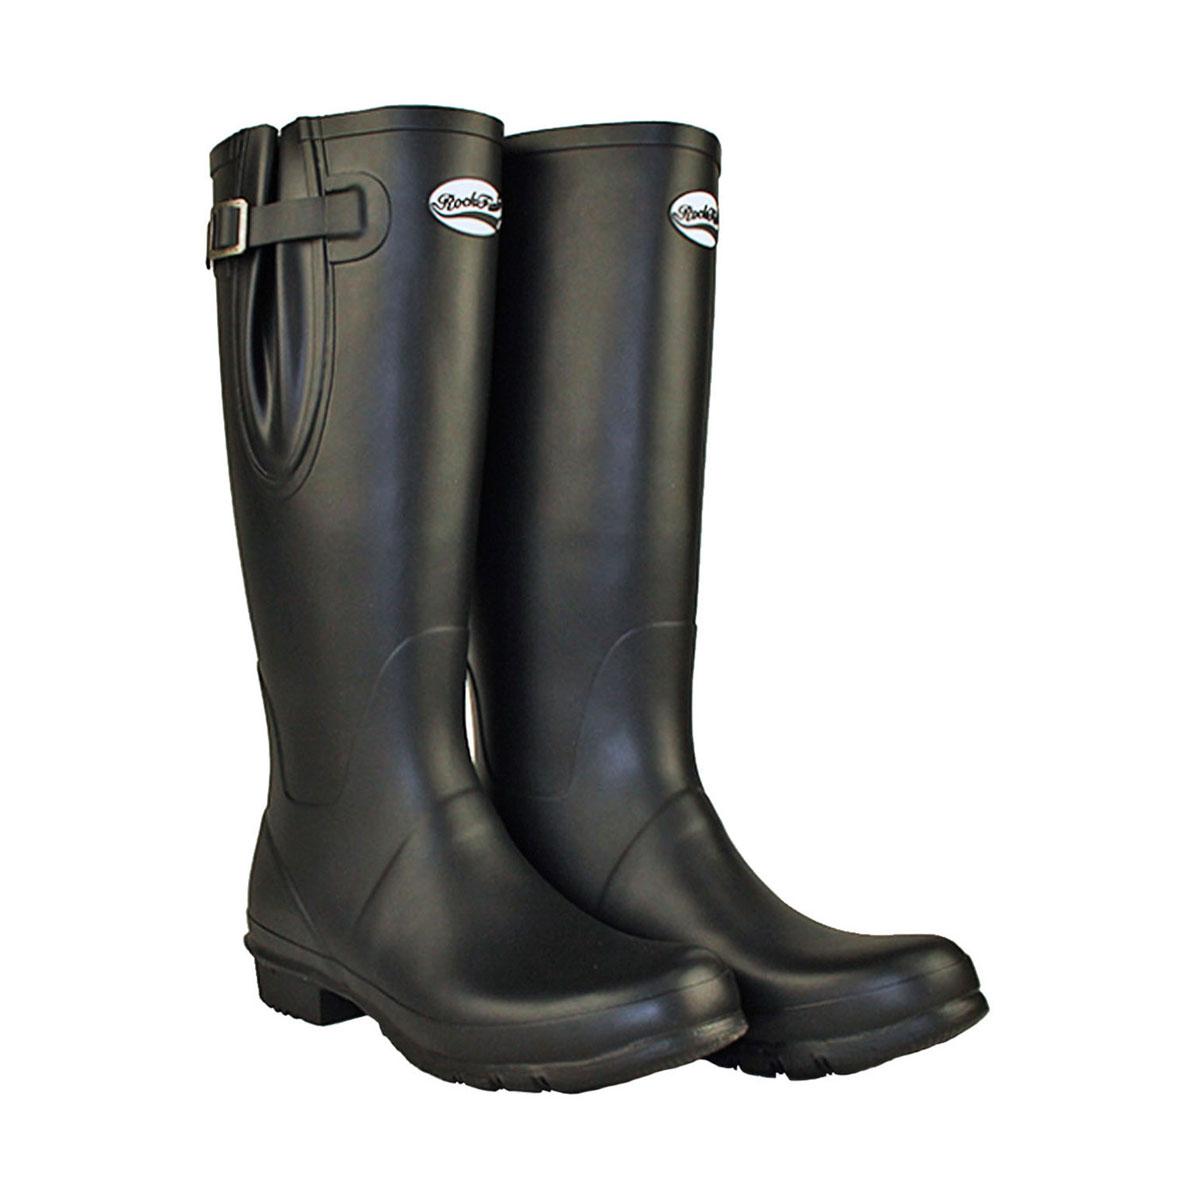 (ロックフィッシュ) Rockfish レディース ネオプレンライニング ロング 調節可能 マット ウェリントン 婦人靴 長靴 レインブーツ 女性用 【海外直送】